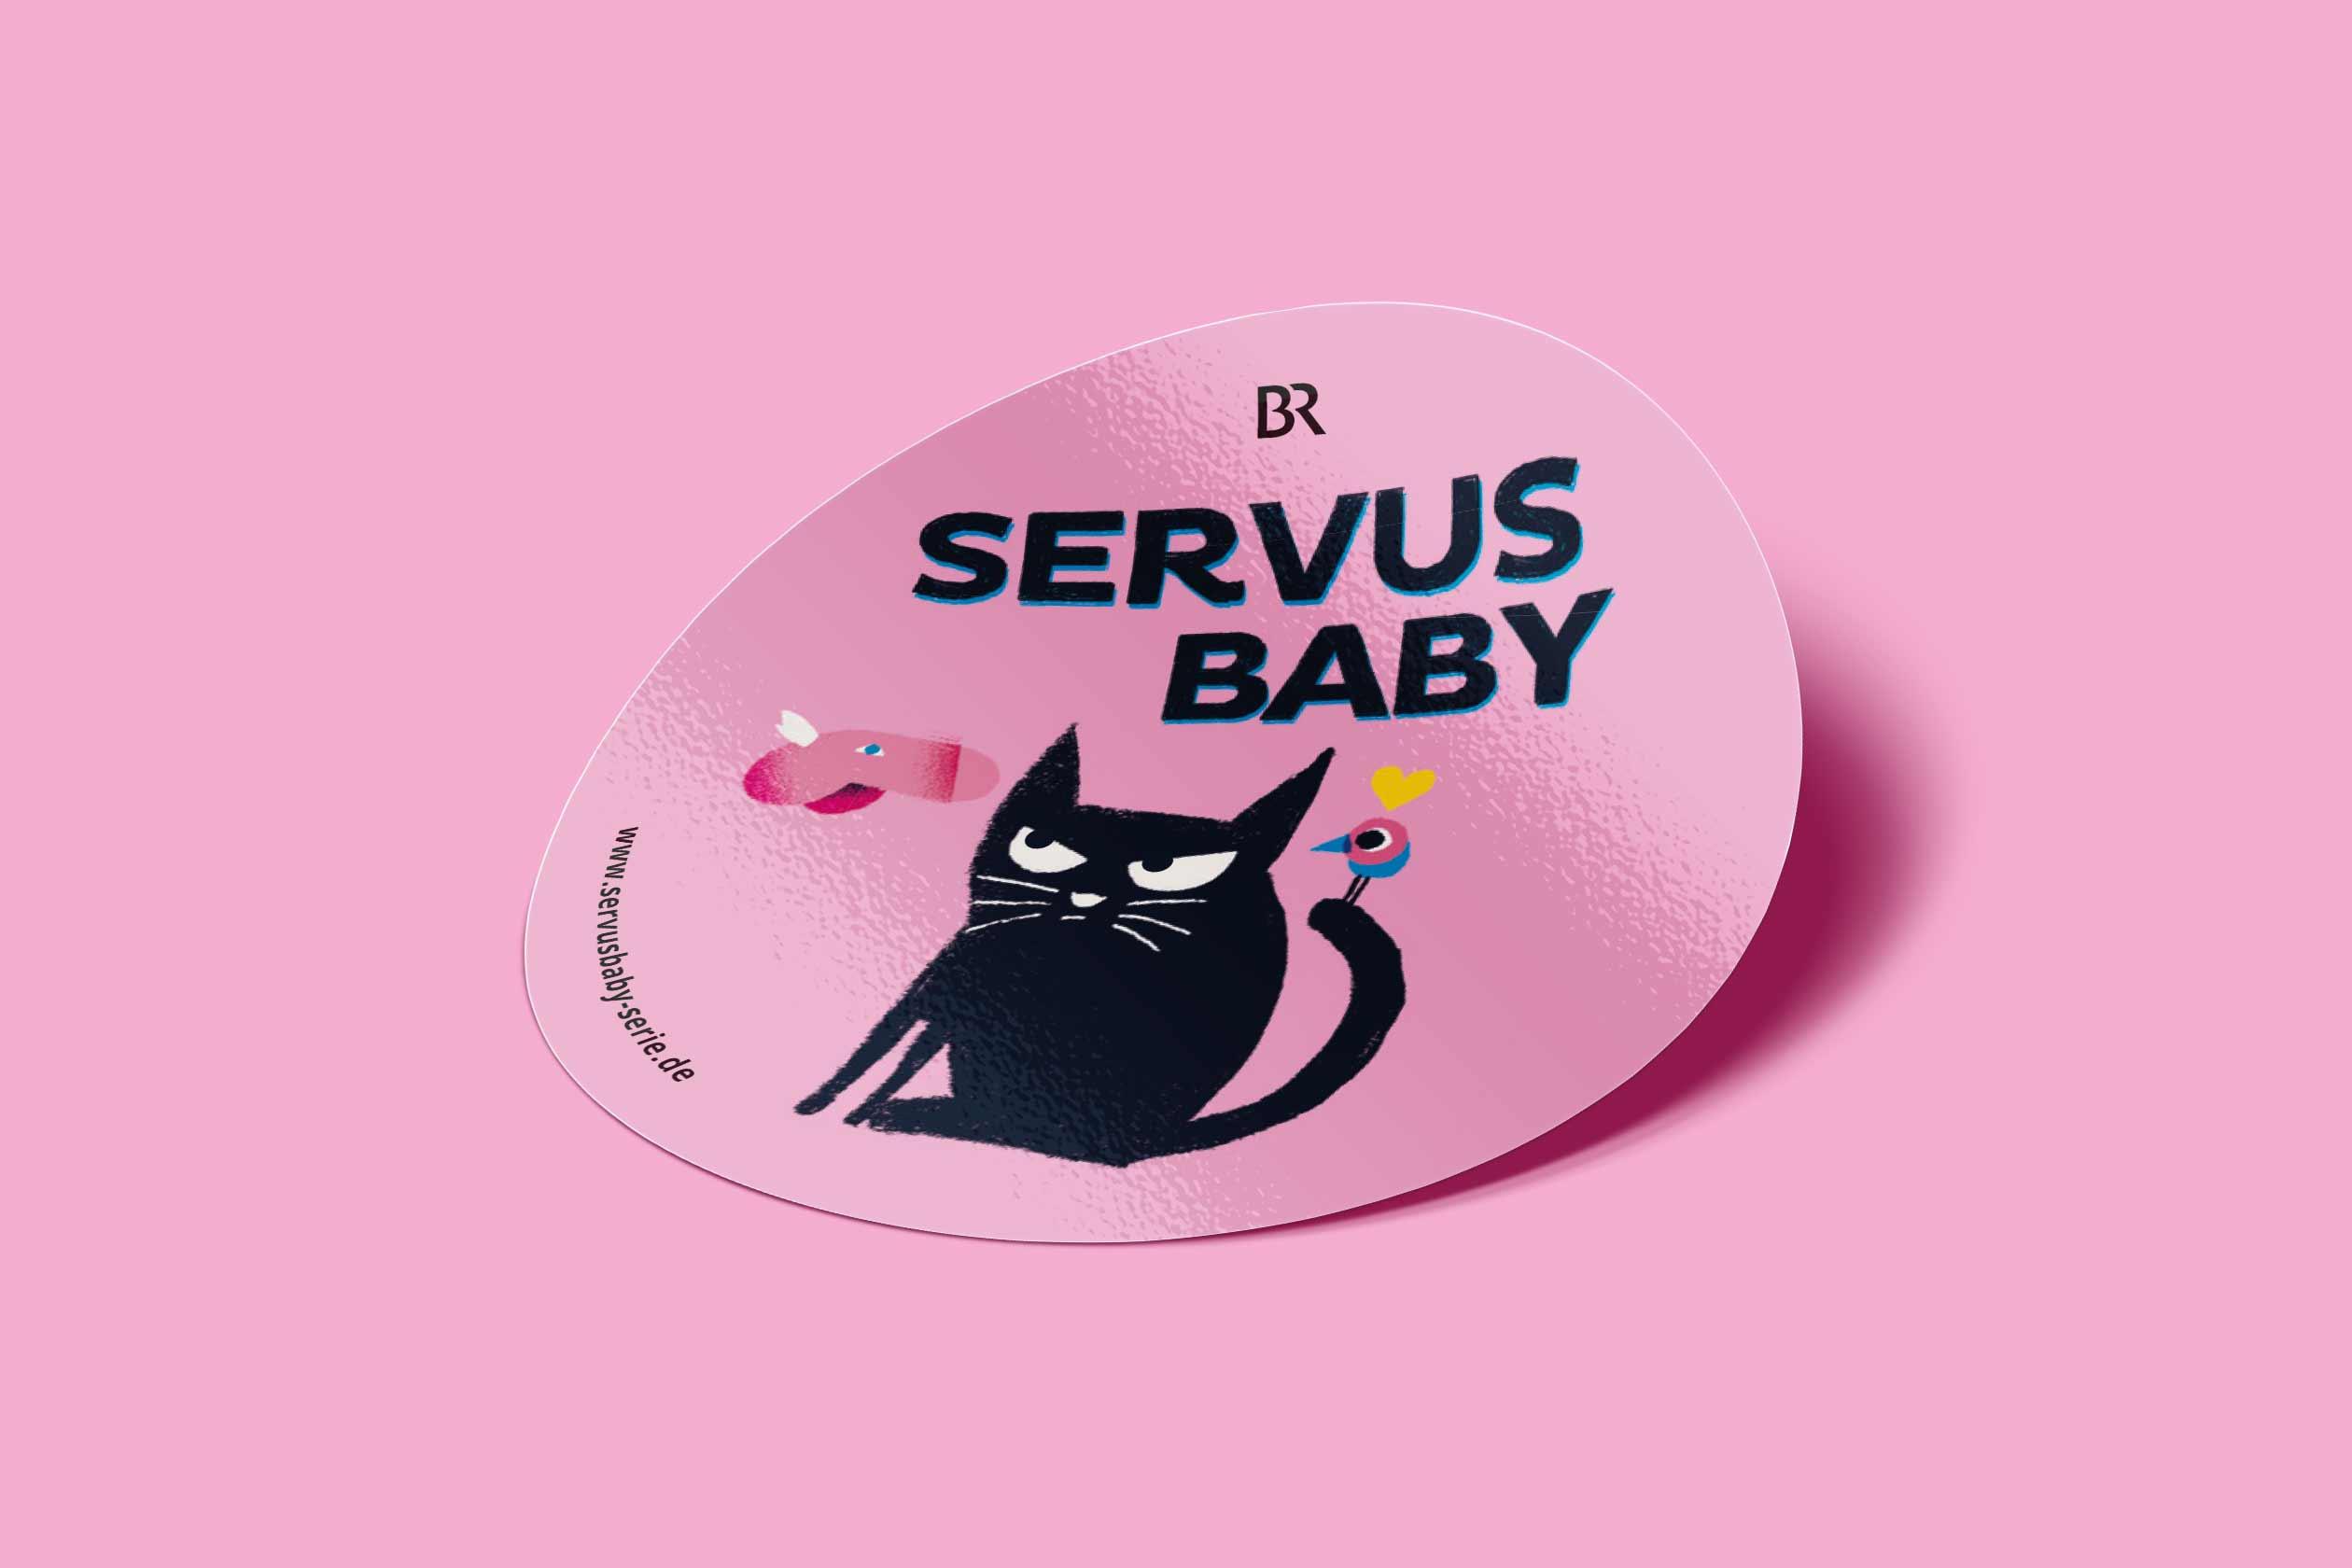 ServusBaby-sticker-05